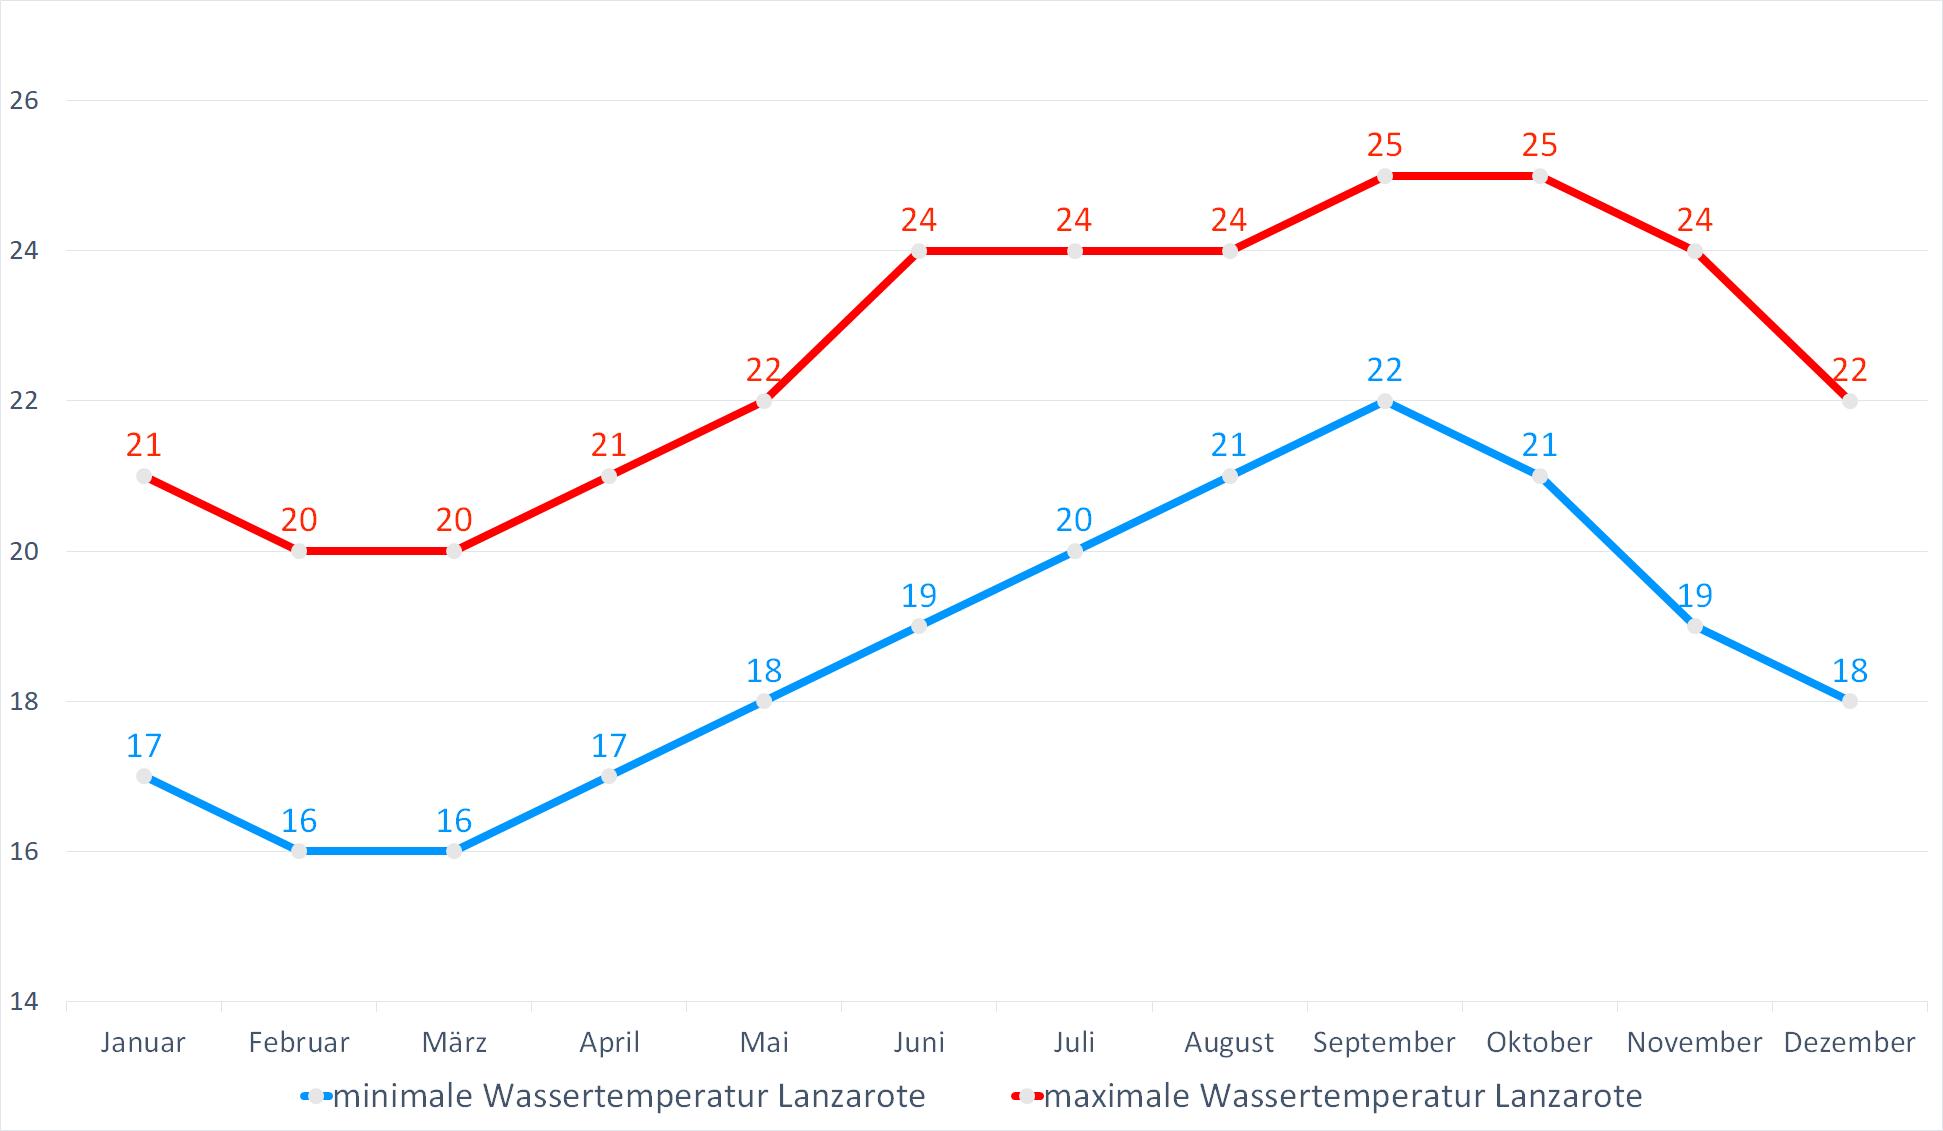 Minimale & Maximale Wassertemperaturen für Lanzarote im Jahresverlauf